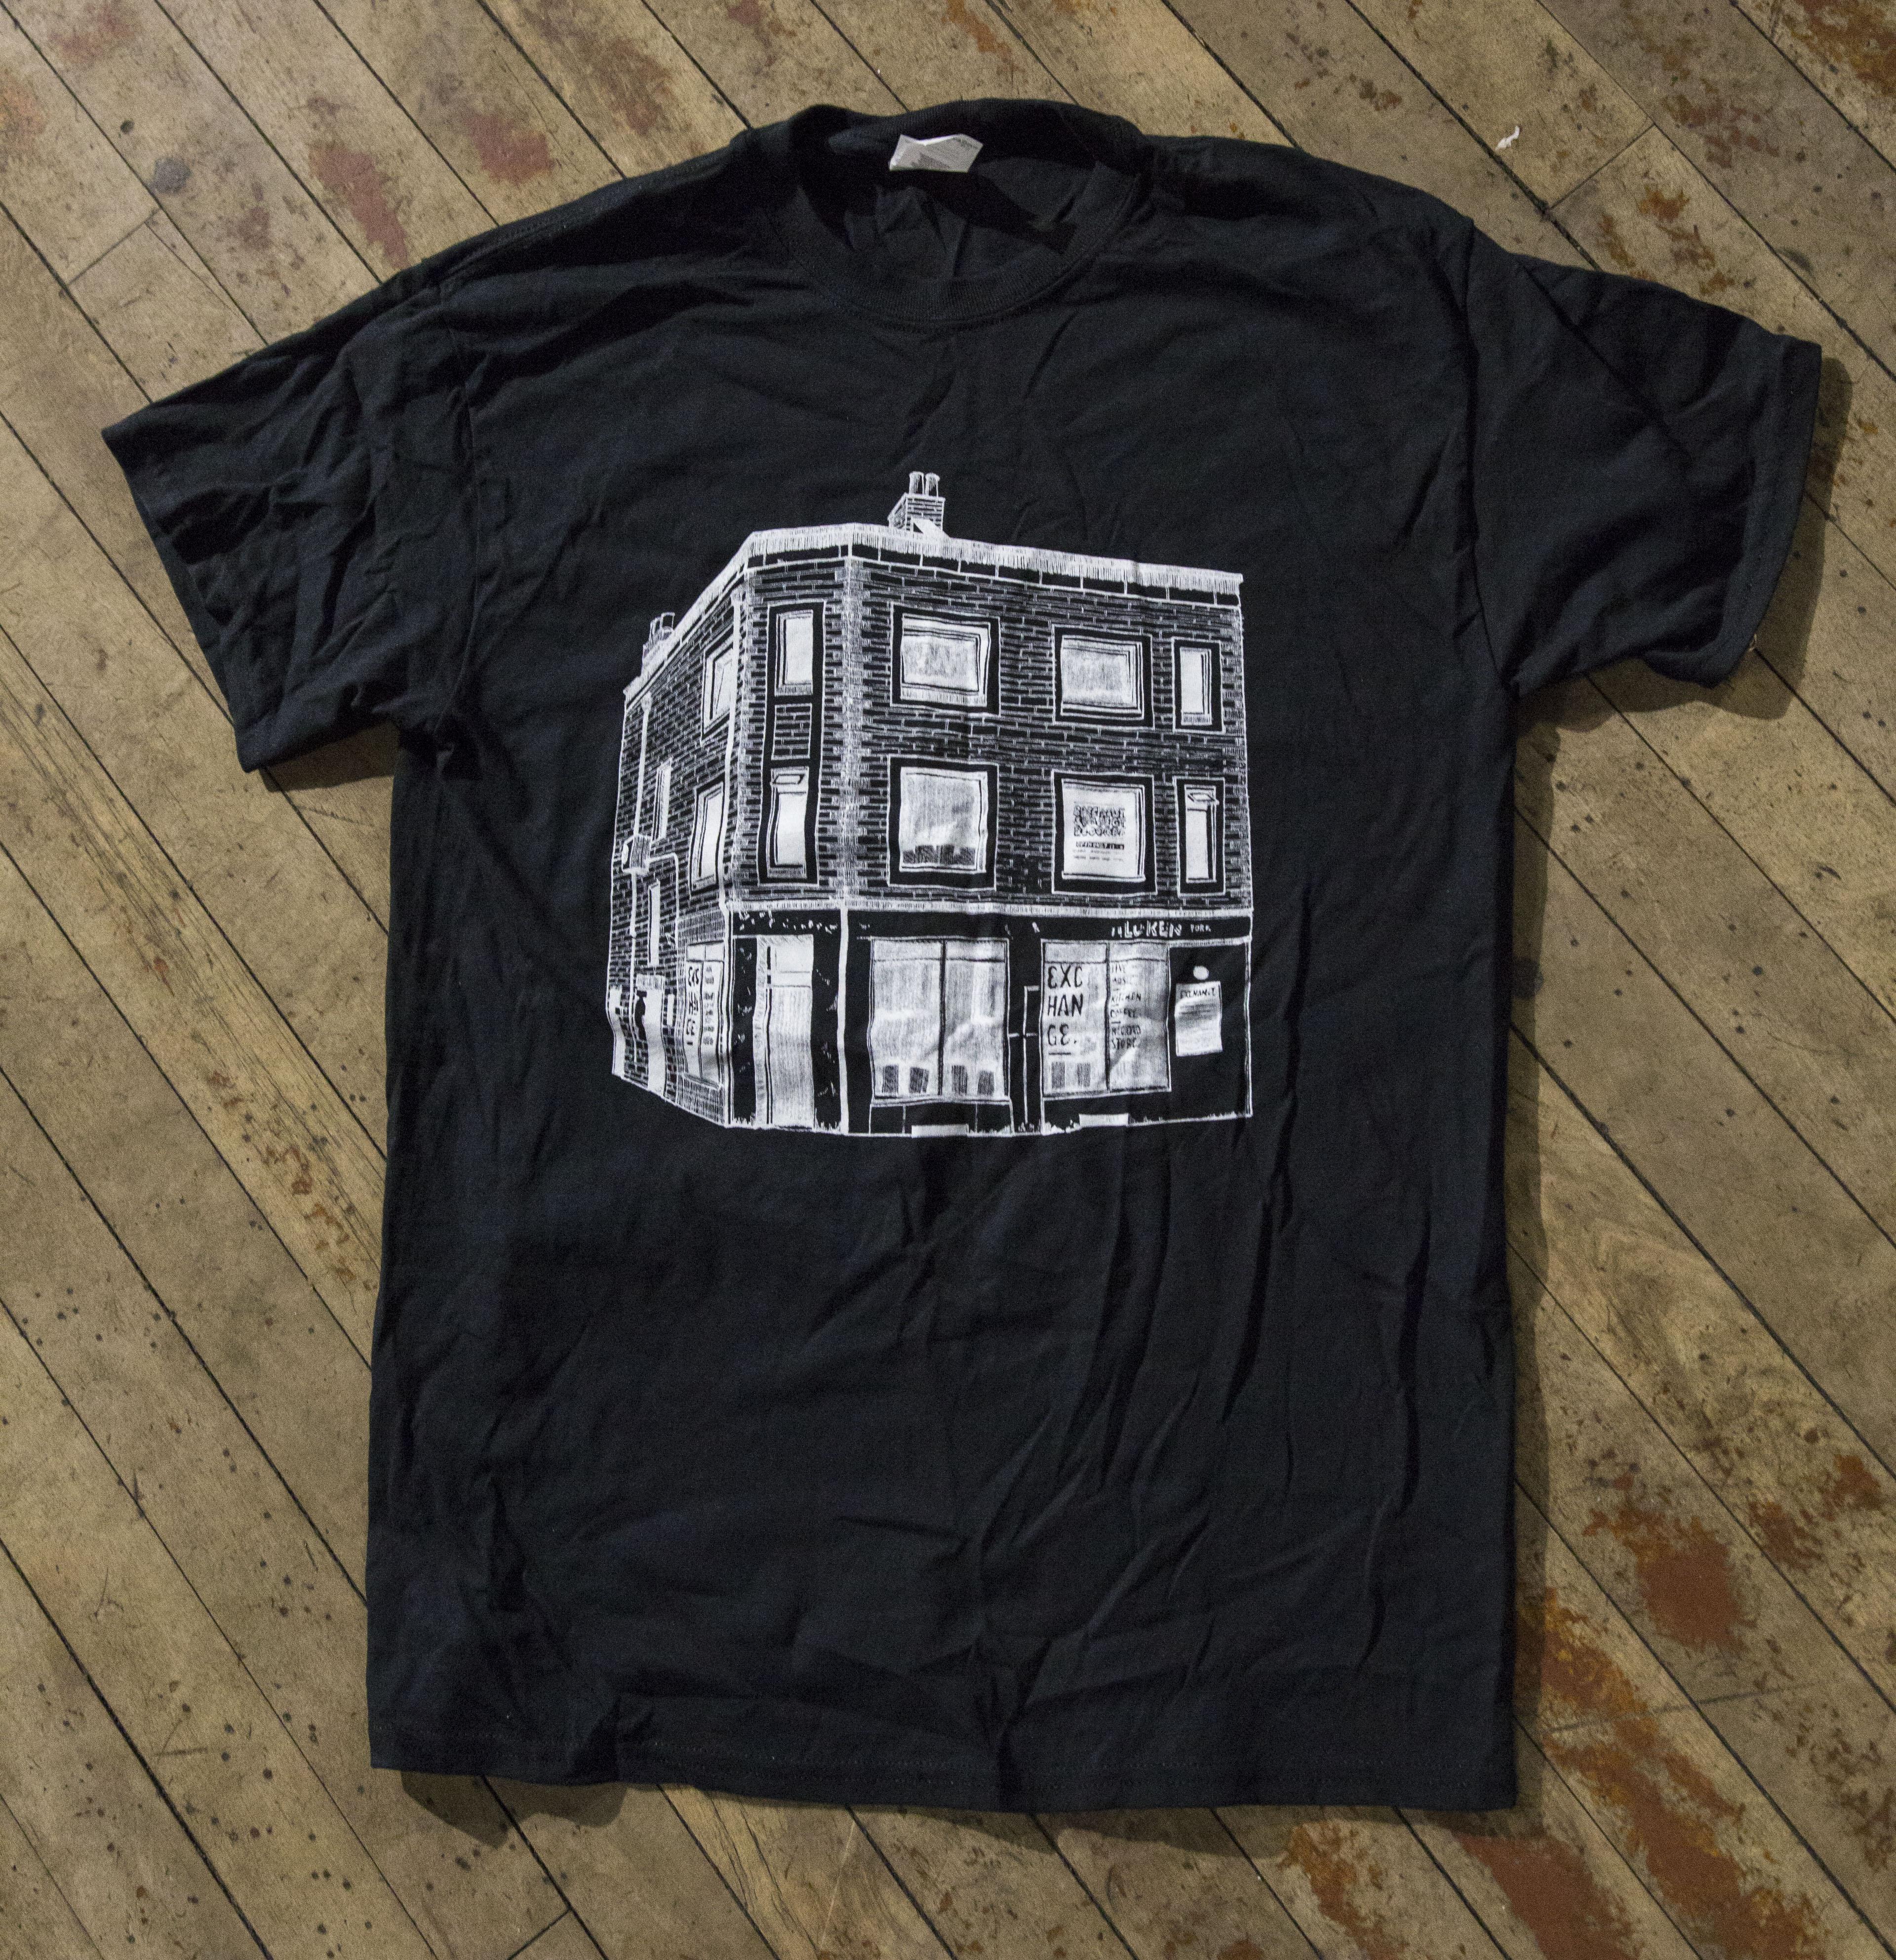 Exchange Music Venue T-shirt / Tote Bag